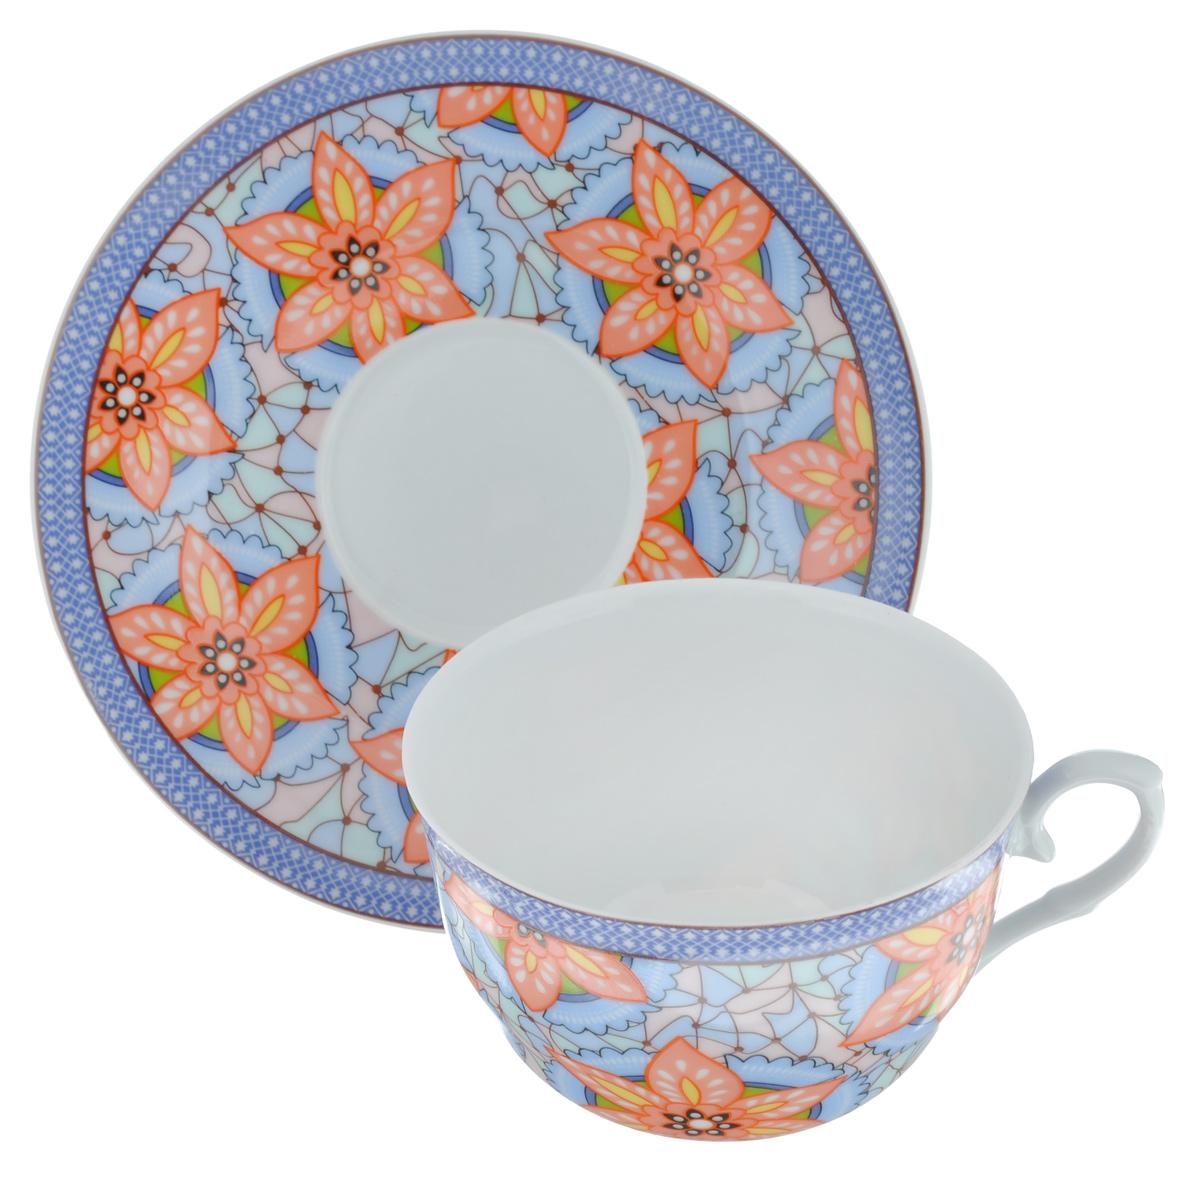 Чайная пара LarangE Витраж, цвет: голубой, персиковый, 2 предмета586-332Чайная пара LarangE Витраж состоит из чашки и блюдца,изготовленных из фарфора. Предметы набора оформленыизящным ярким рисунком.Чайная пара LarangE Витраж украсит ваш кухонный стол, а такжестанет замечательным подарком друзьям и близким.Объем чашки: 250 мл.Диаметр чашки по верхнему краю: 9,5 см.Высота чашки: 6 см.Диаметр блюдца: 15 см.